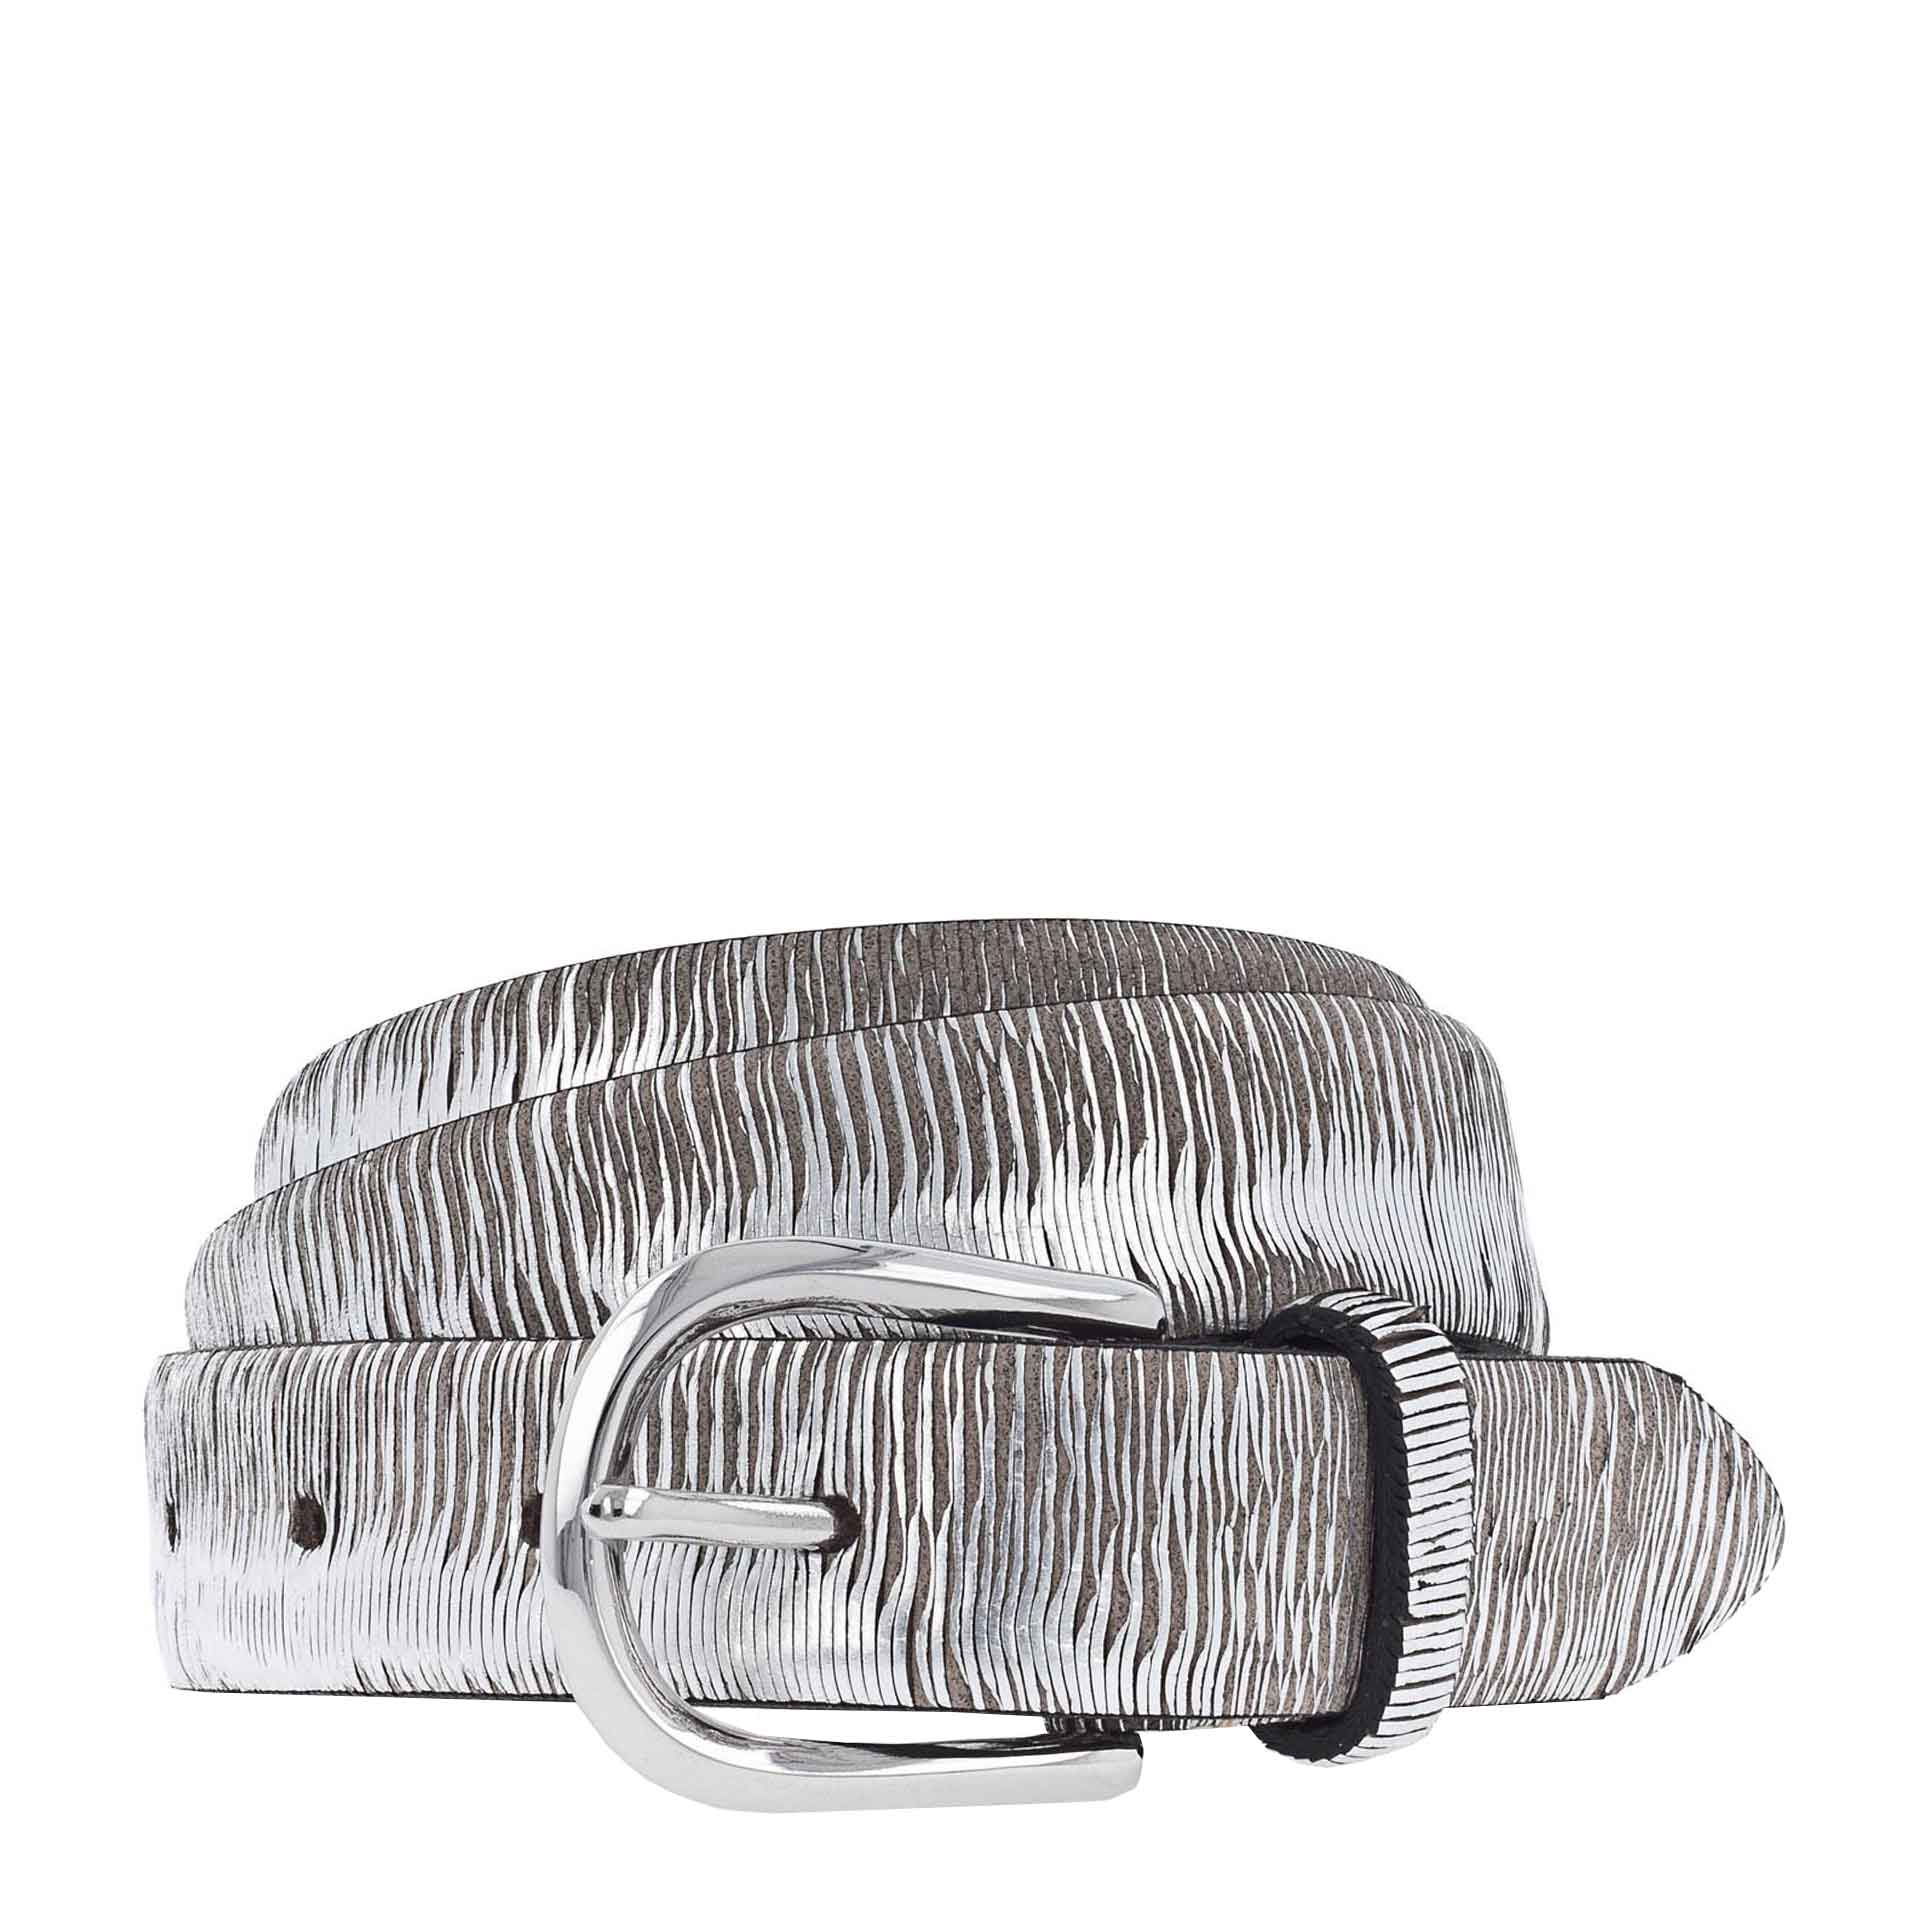 b.belt Cuna Ledergürtel 80 anthrazit grau - silber metallic